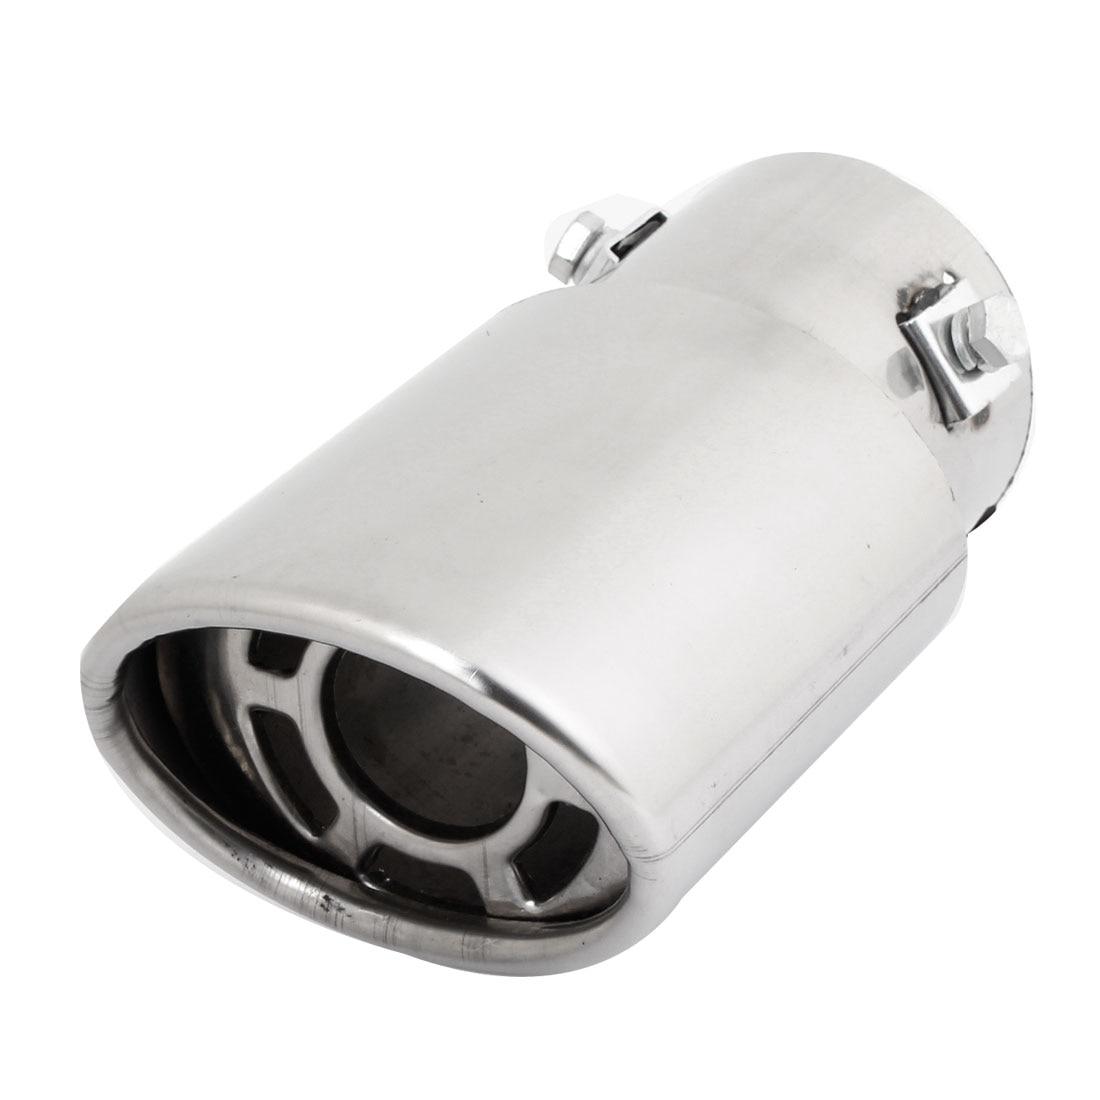 X Autohaux font b Car b font Double Layers 6Cm Inlet Inside Diameter font b Exhaust